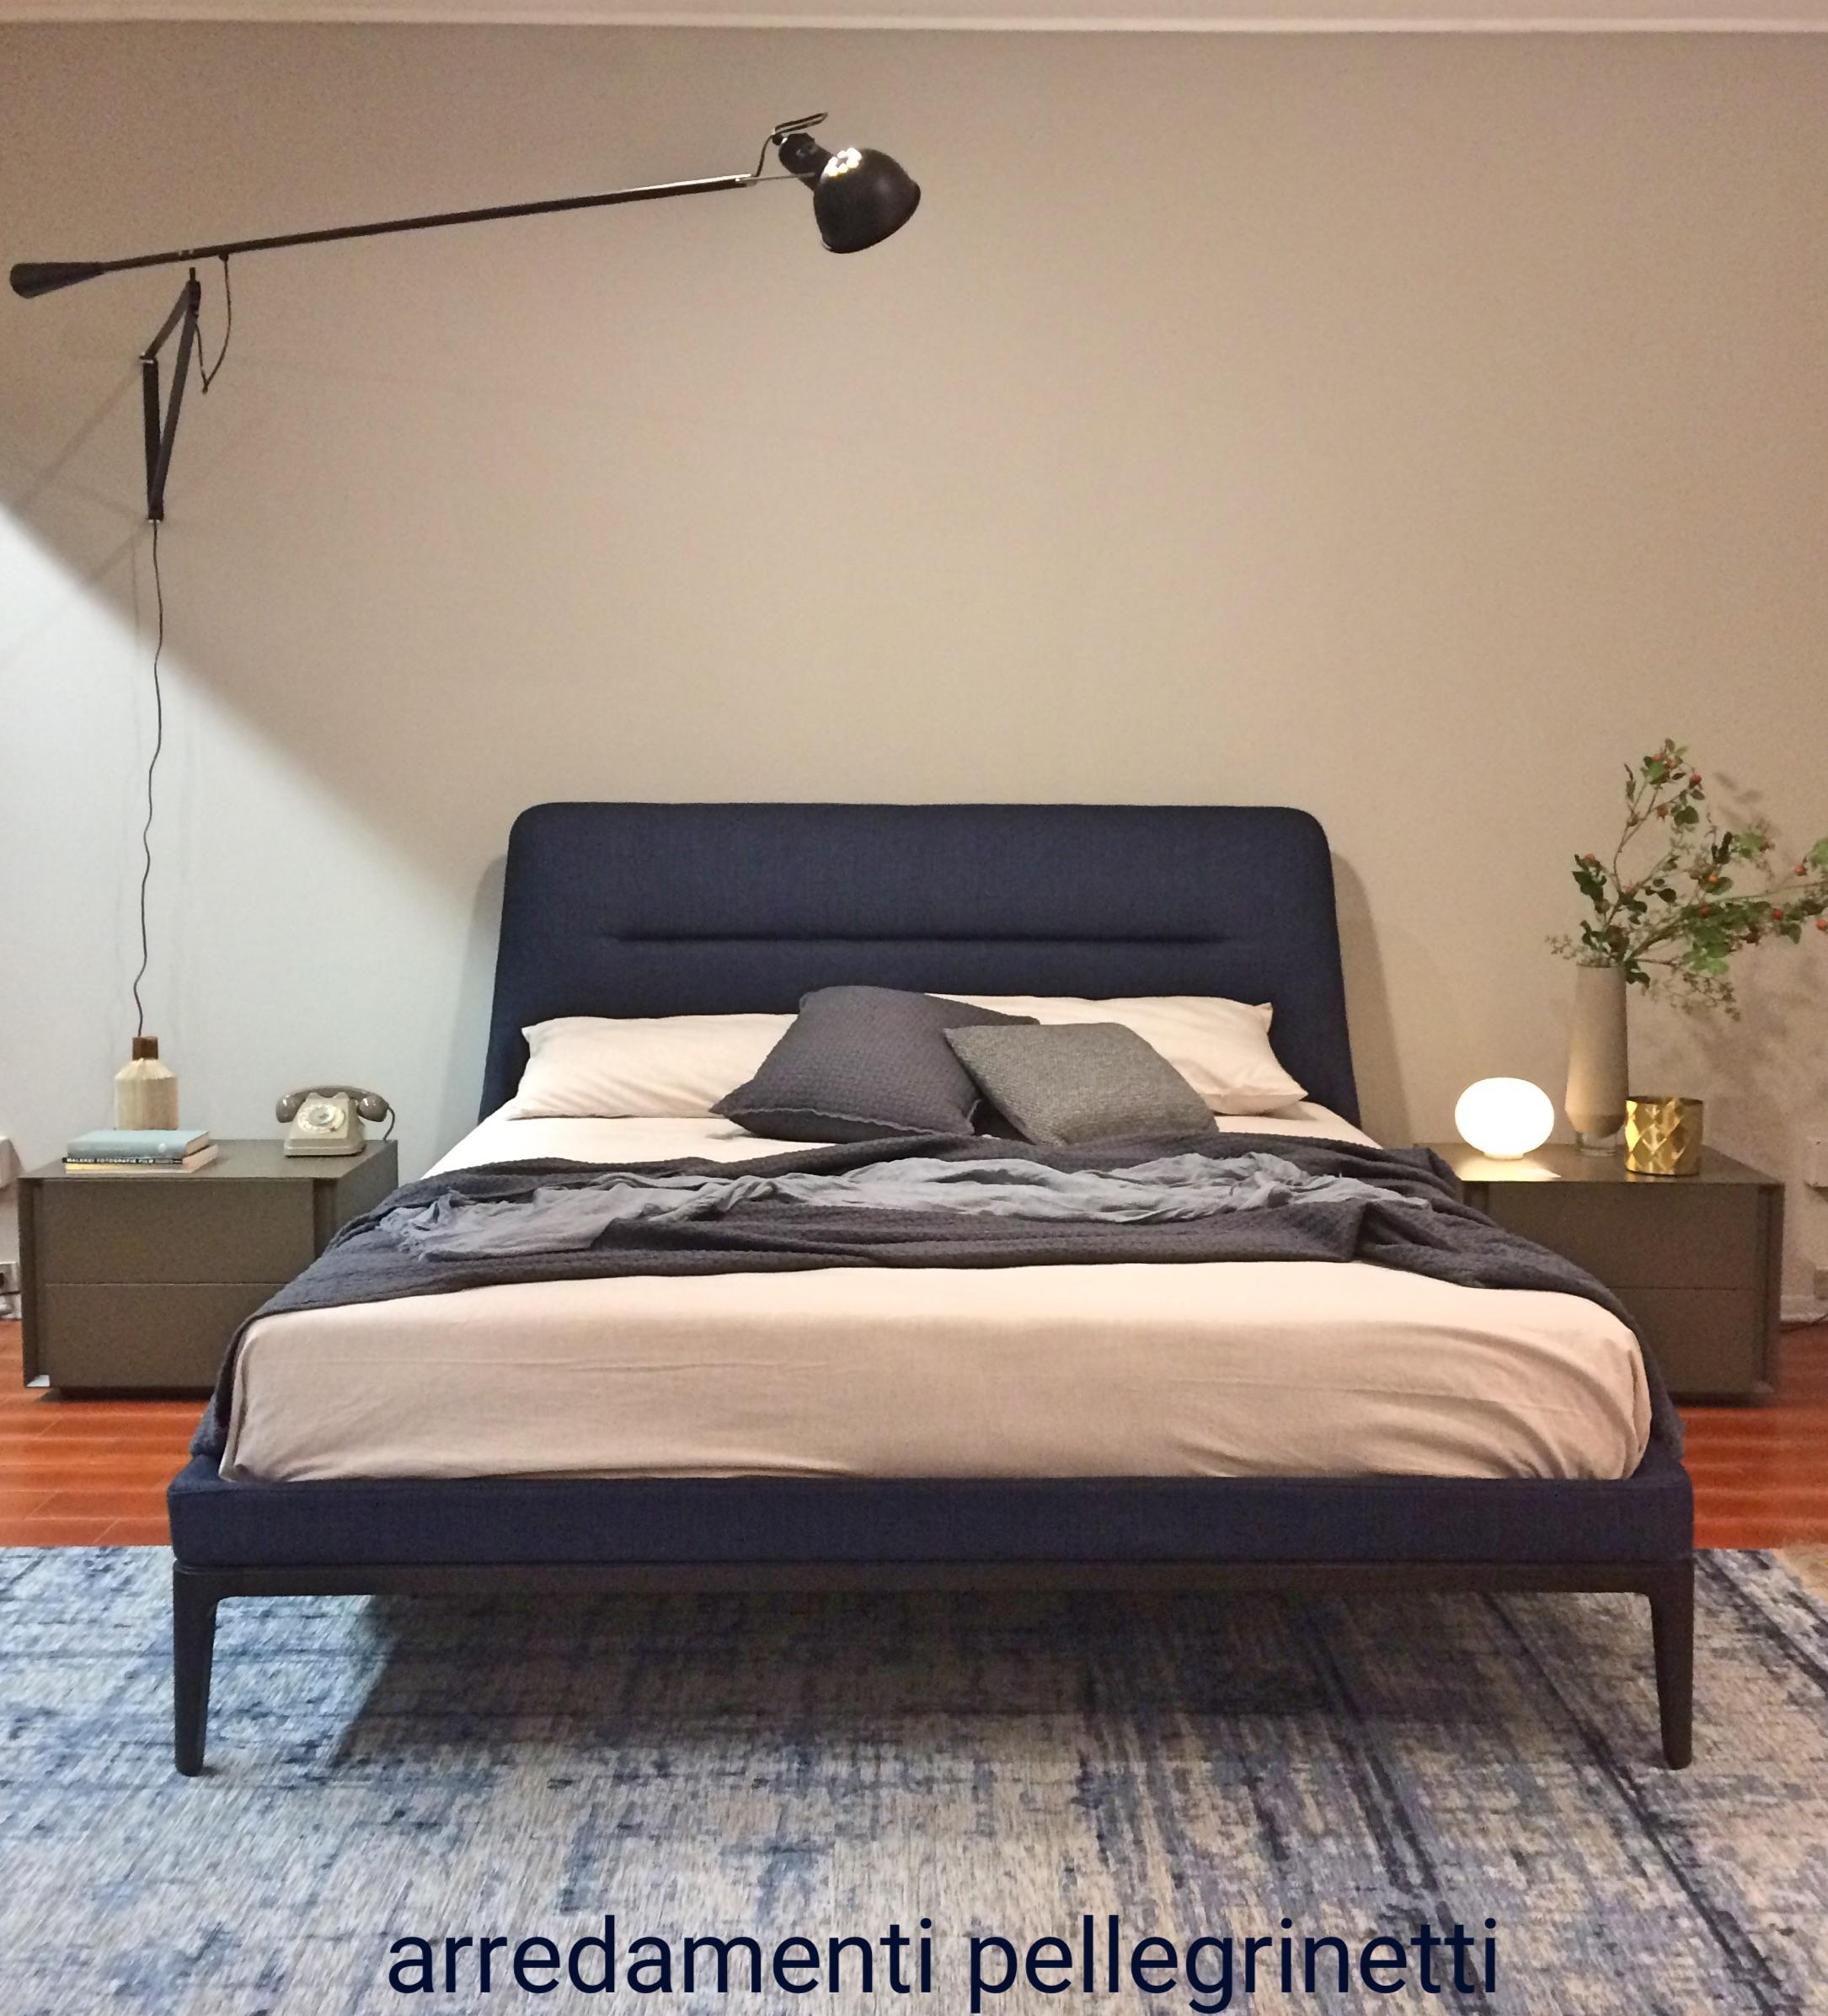 Mobili per la camera da letto letti e testate mobili per la camera da letto scalette e sgabelli risultati di ricerca. Zona Notte Versilia Provincia Di Lucca Arredamenti Pellegrinetti